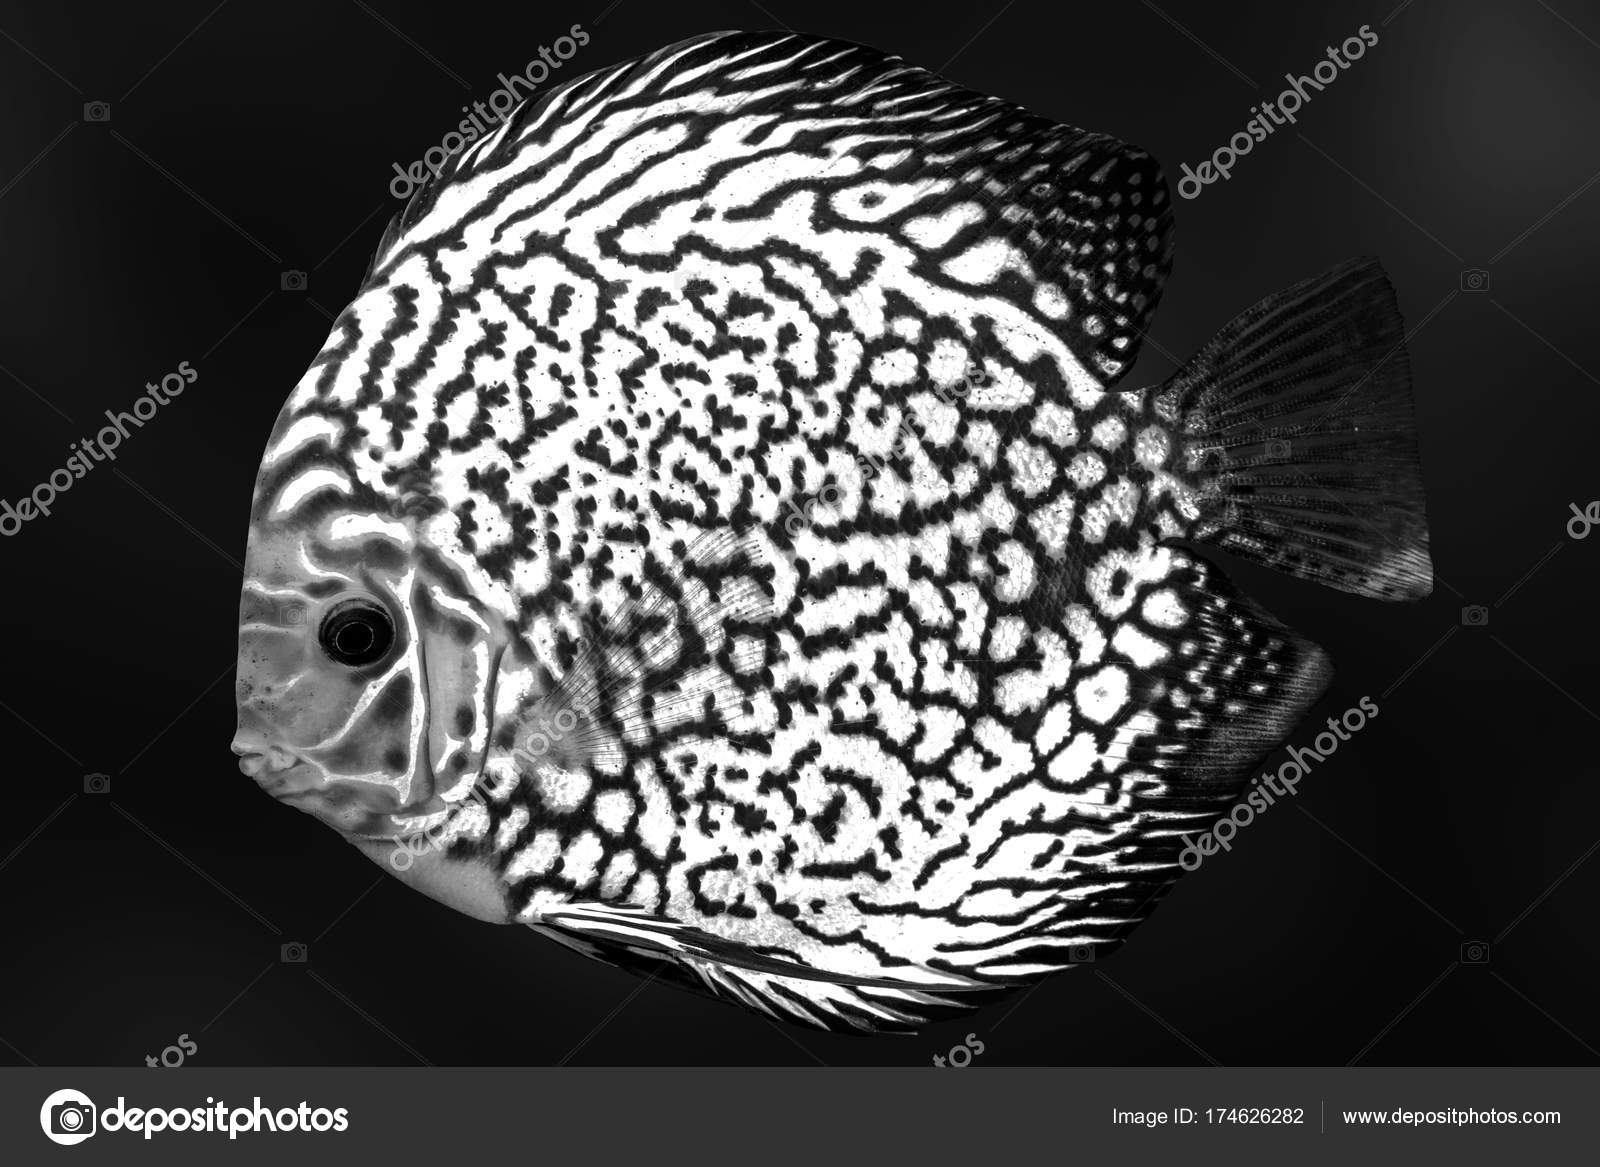 Discus exotic fish black white aquarium solated background animal